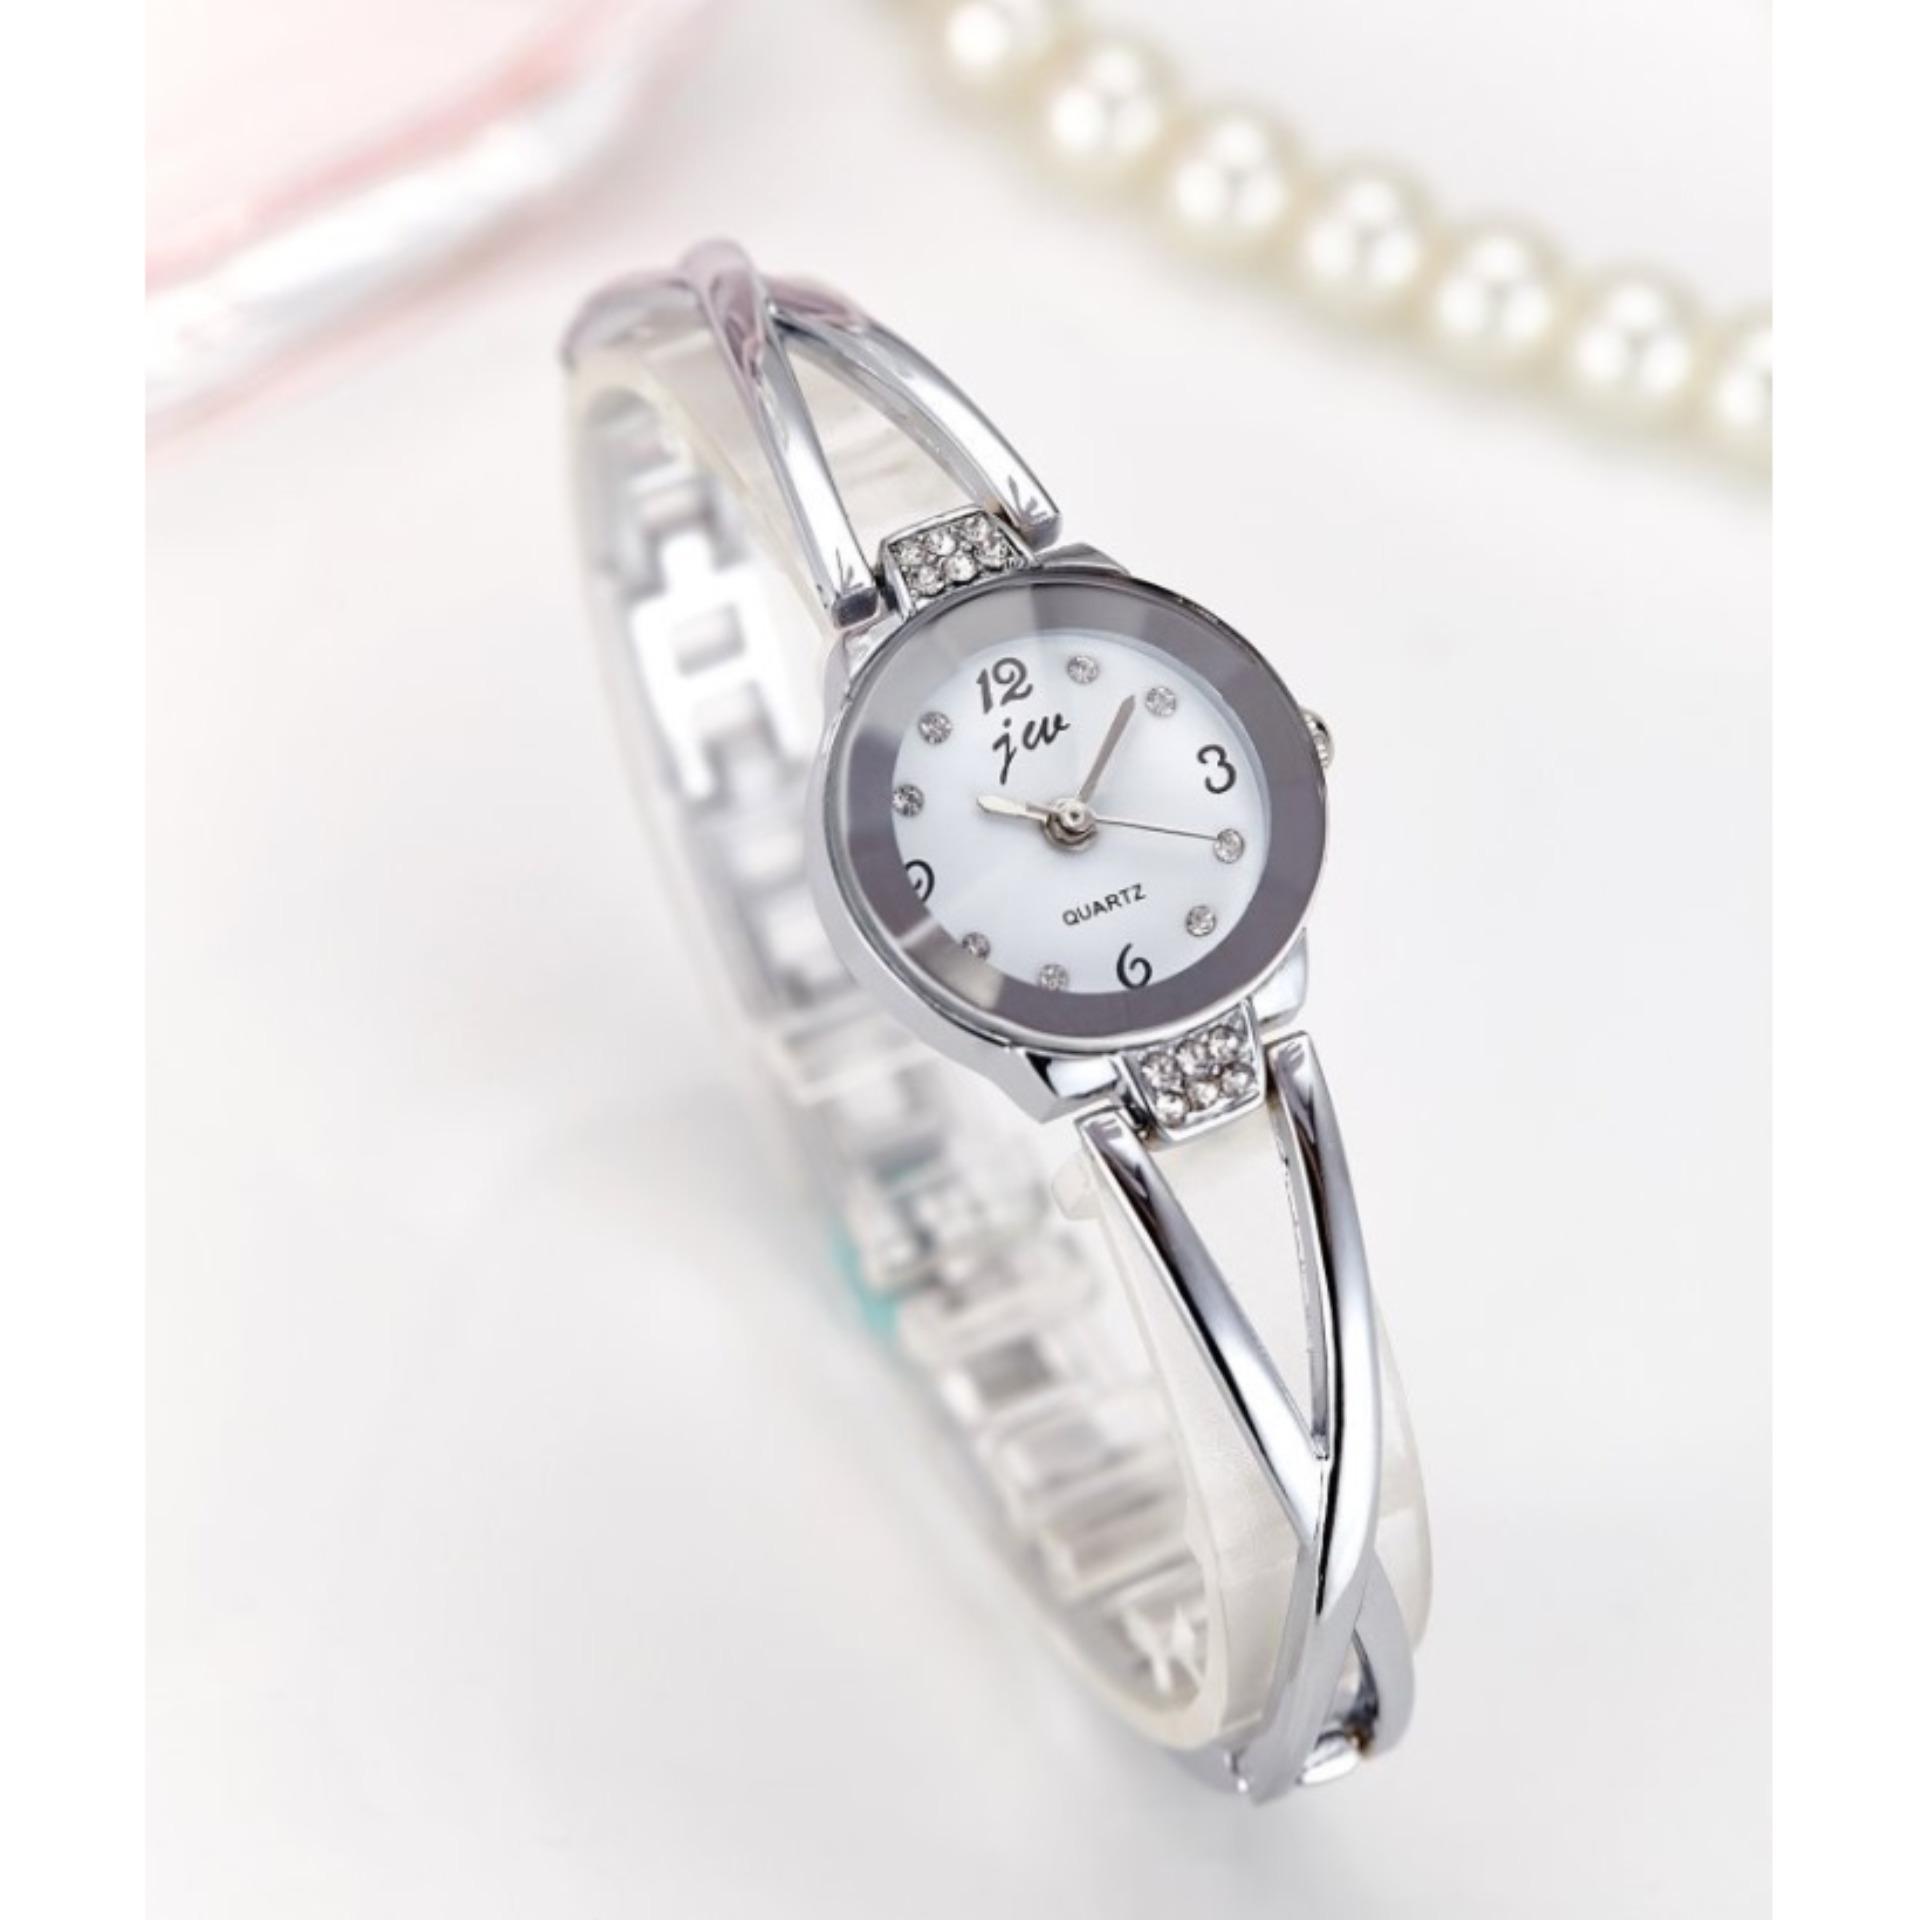 ... Jam Tangan Stainless Steel Perhiasan Wanita #JW945 Gelang Fashion Bracelet Watch Watches - SILVER